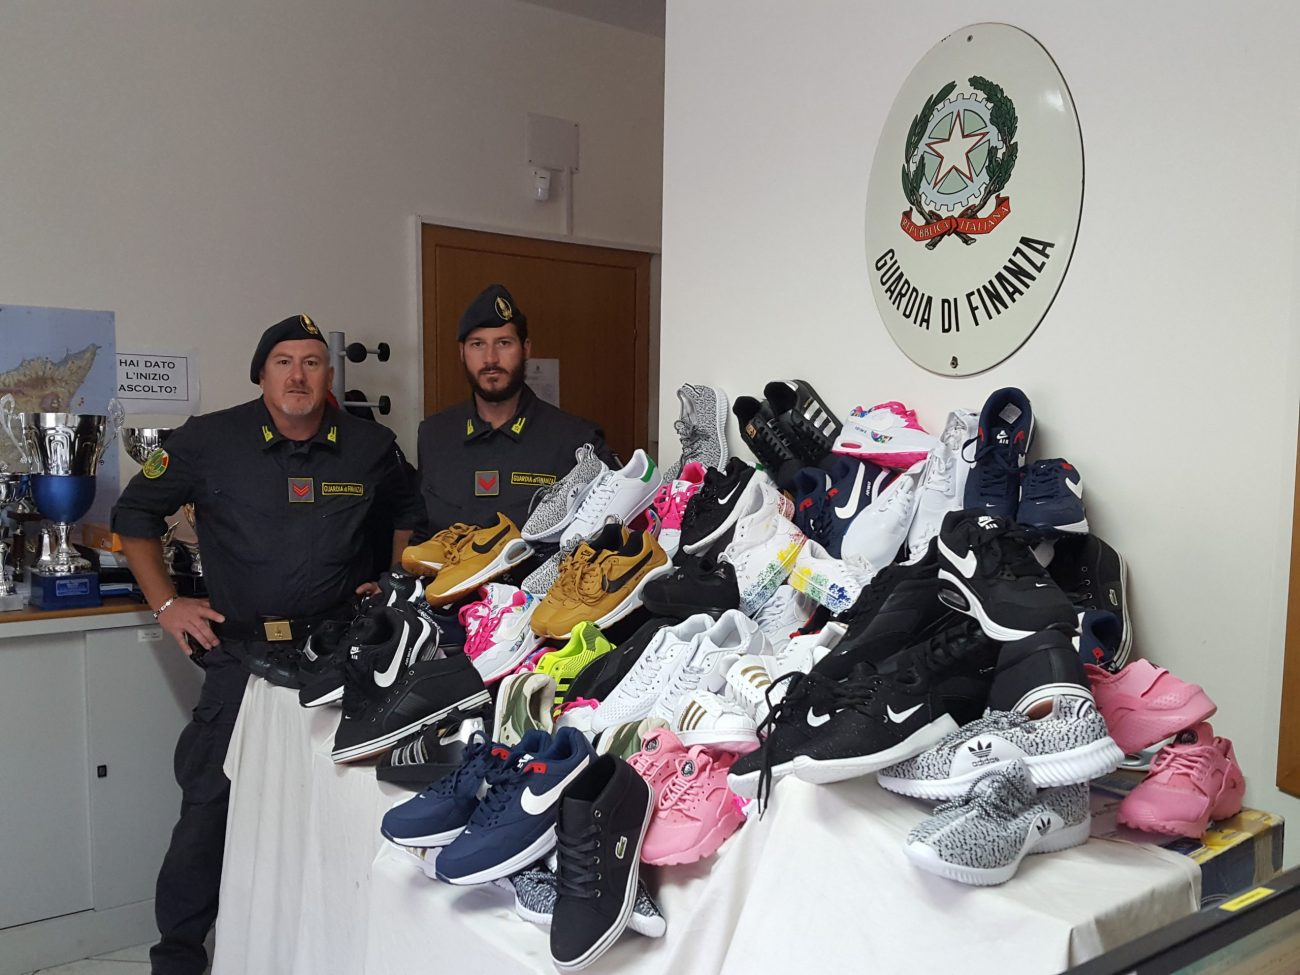 Mussomeli, sequestrate 338 paia di scarpe e 93 borse griffate contraffatte